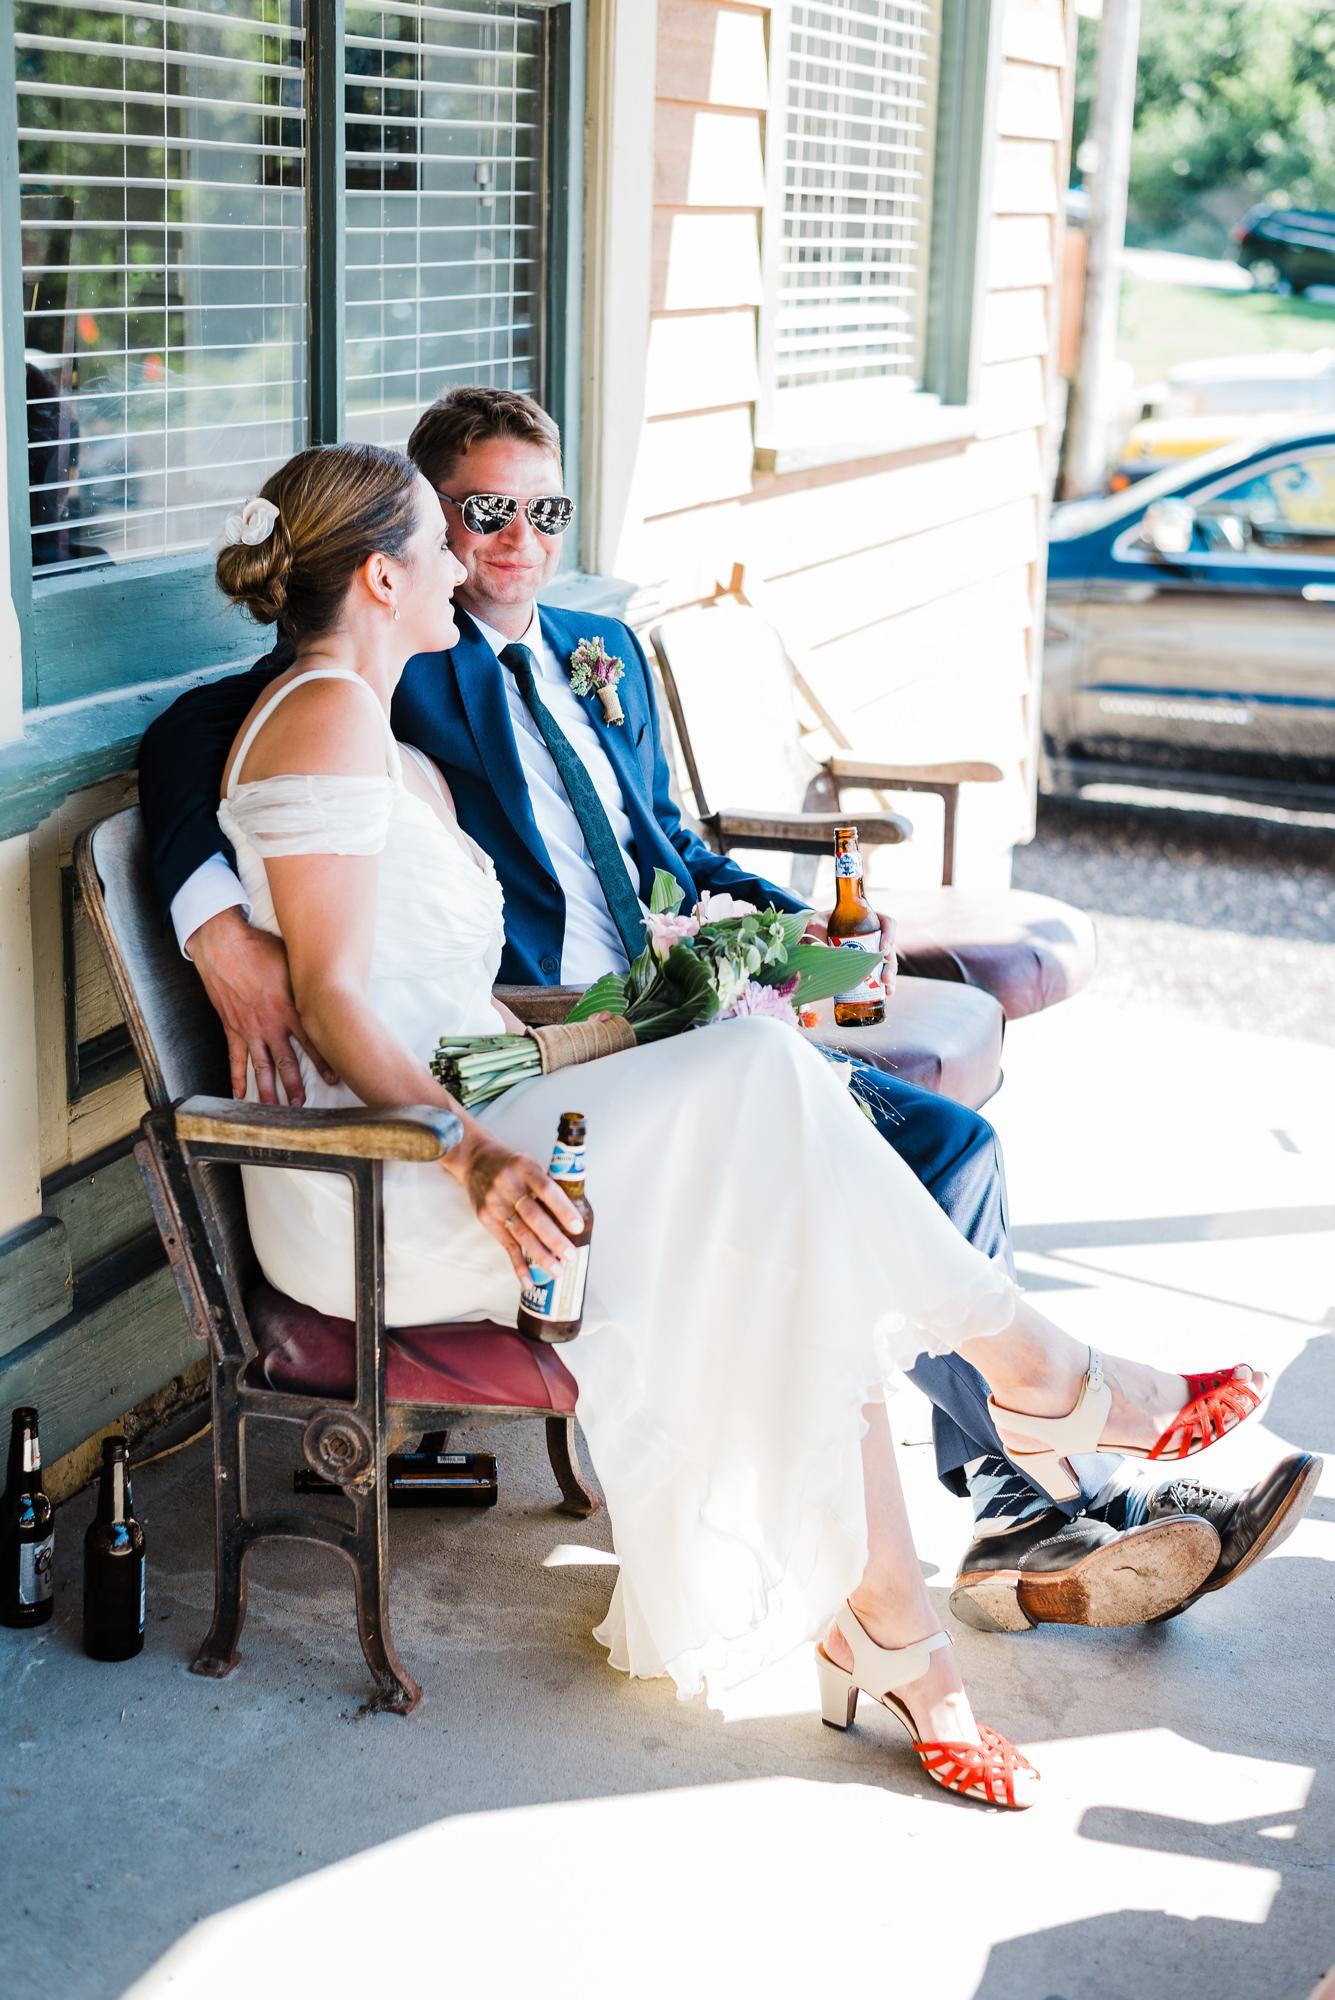 Sutliff Tavern - Sutliff, Iowa, Wedding Photographer